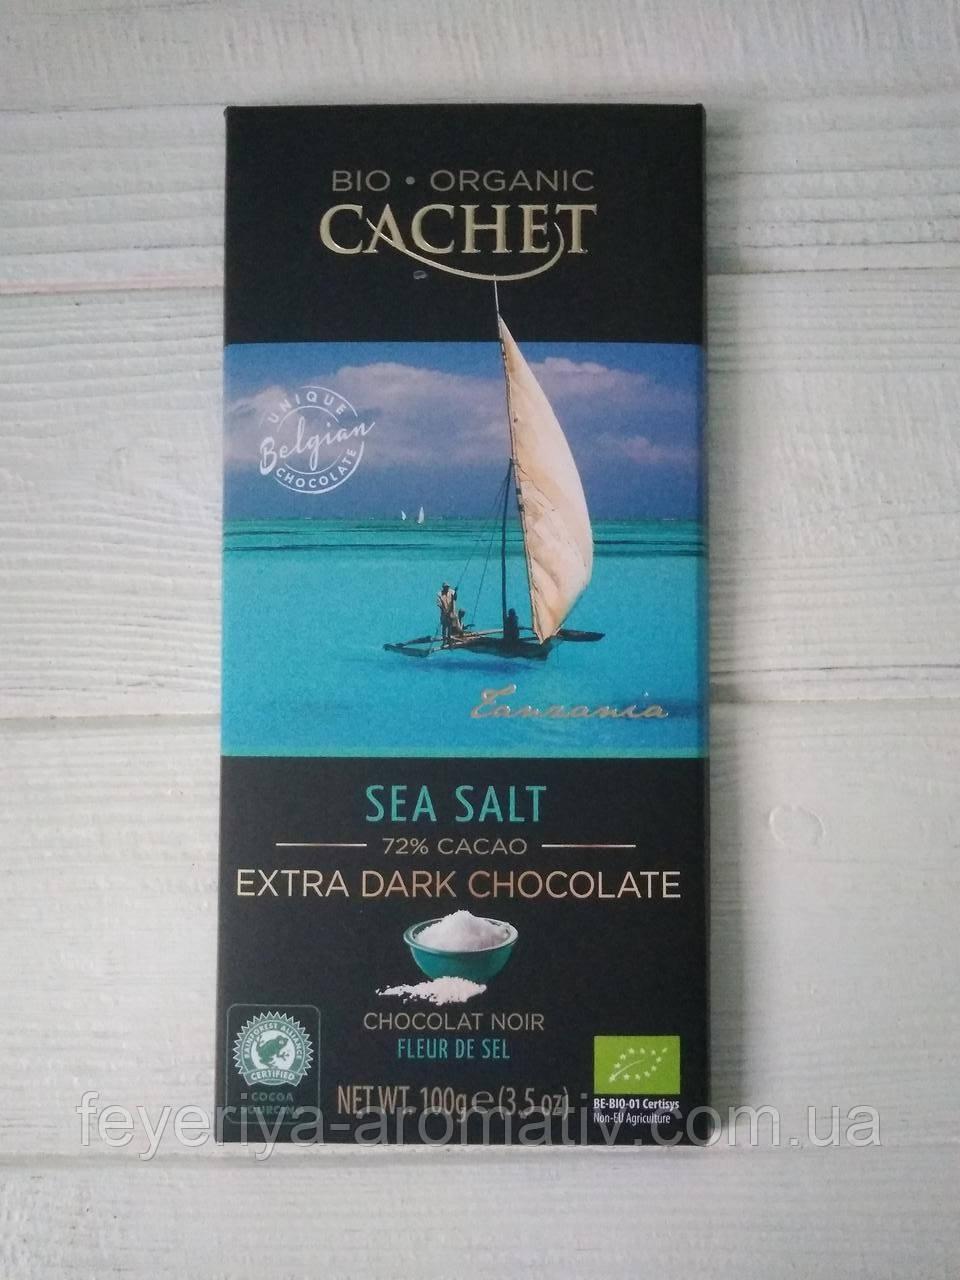 Черный шоколад Cachet bio organic, 100гр (Бельгия) черный шоколад 72% с солью